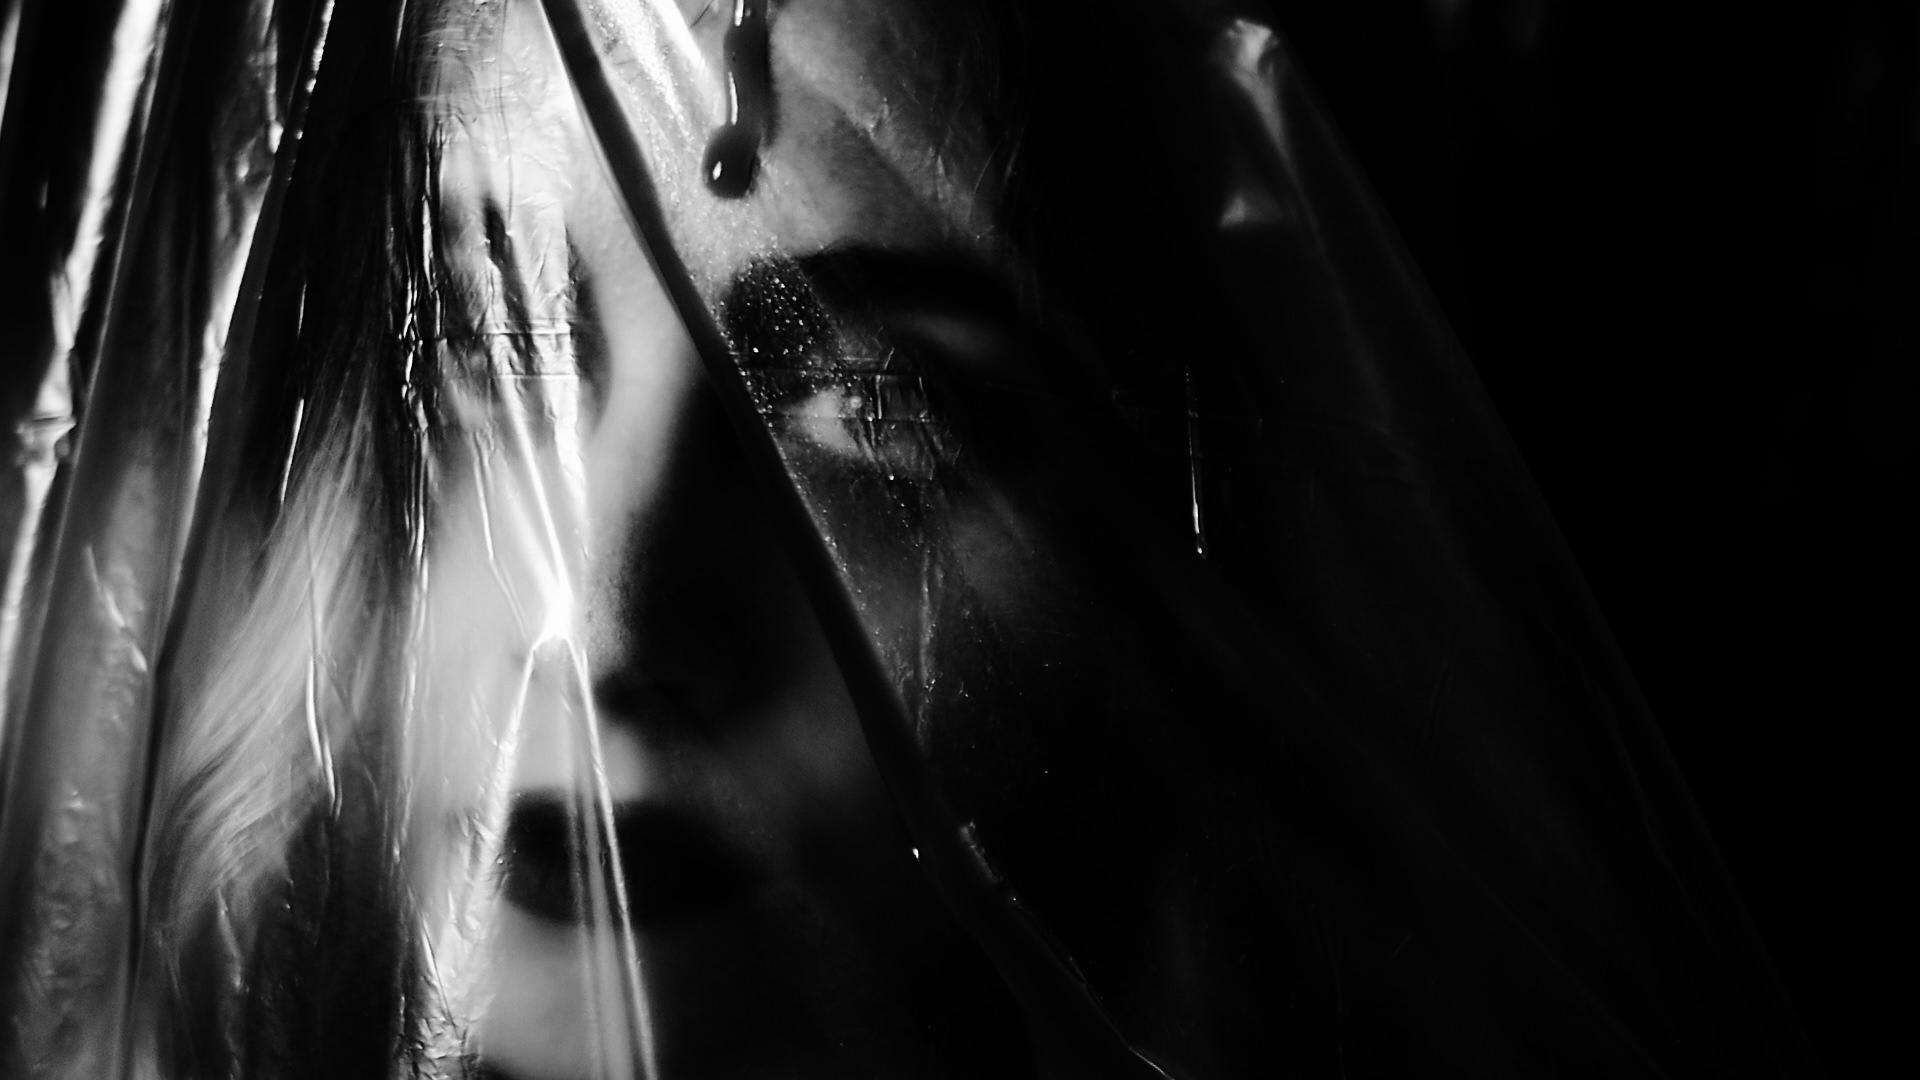 denuit - blood tears